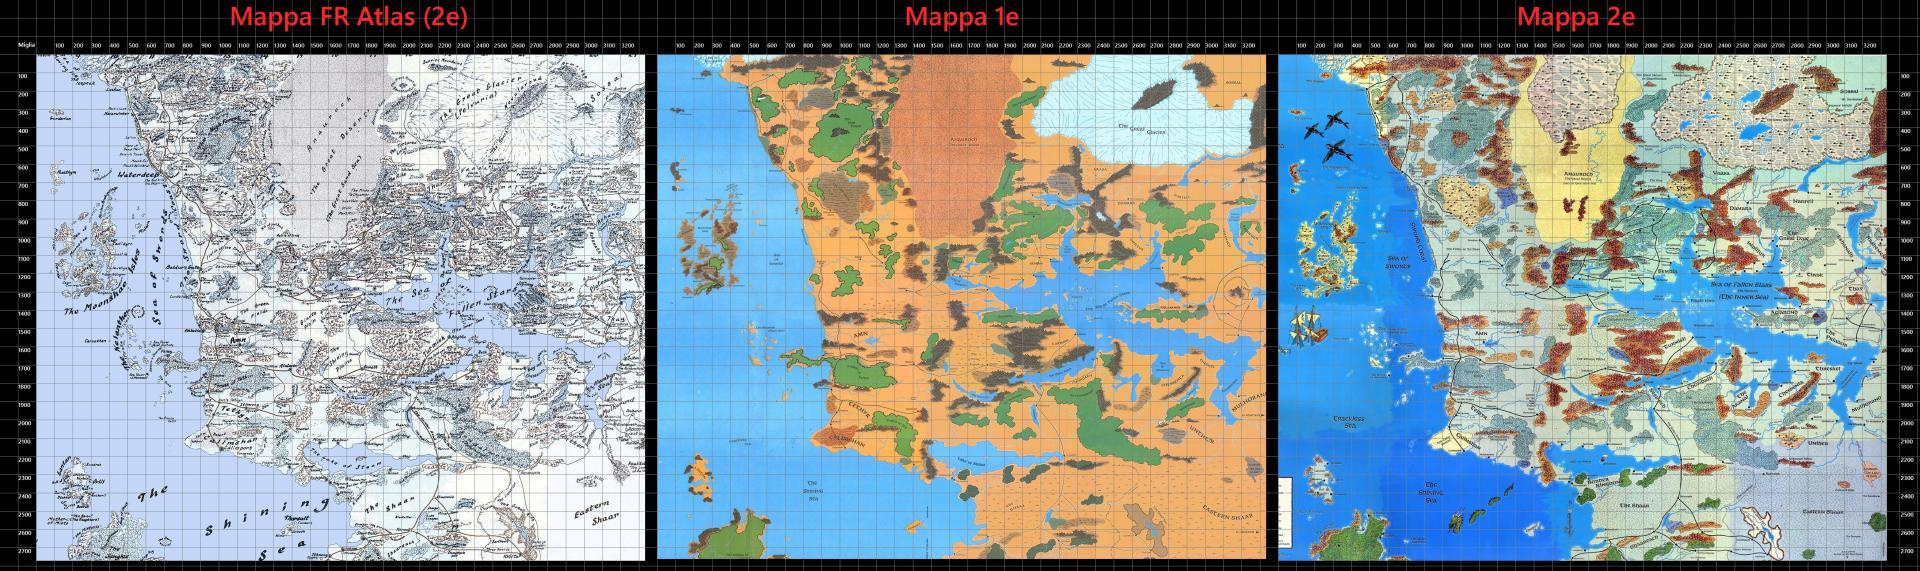 Comparativa mappe Faerûn, 1e - 2e